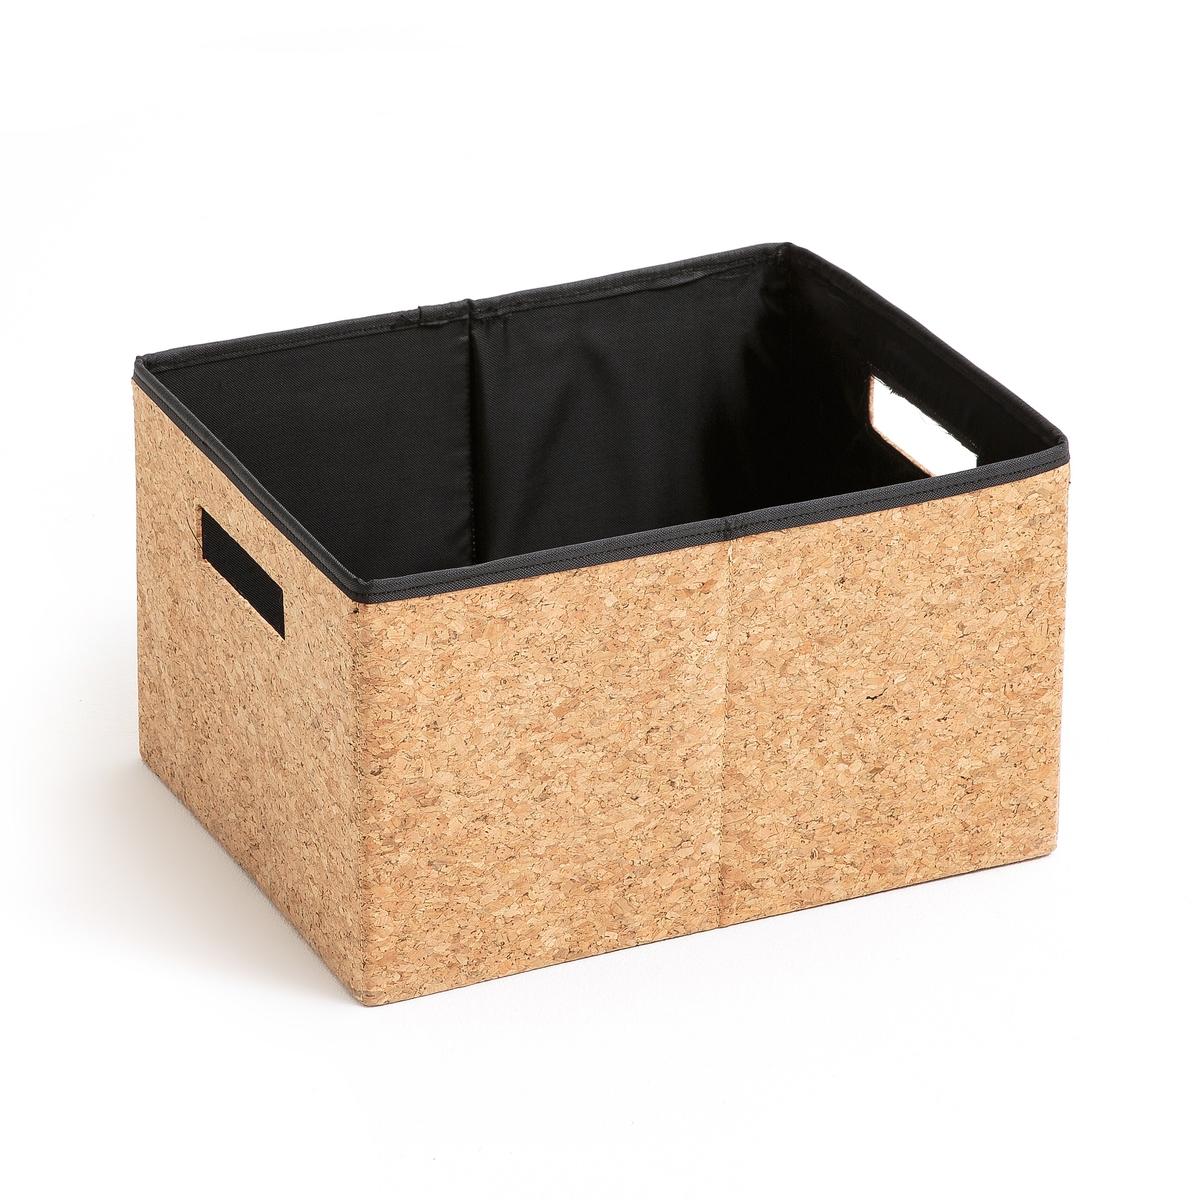 Коробка для хранения из пробки, размер SОписание:Коробка из пробки складная . Из натурального материала, в ней можно хранить ваши книги, платки или любой другой аксессуар .Описание коробки : Из пробки Прямоугольная формаСкладная 2 ручки.Каркас из картона Вшитая подкладка из полиэстера Съемной дно Размеры :H20 x 35 x 25 смРасцветка : Натуральная Размеры и вес упаковки :37 x 6,5 x 27 см1,2 кг<br><br>Цвет: серо-бежевый